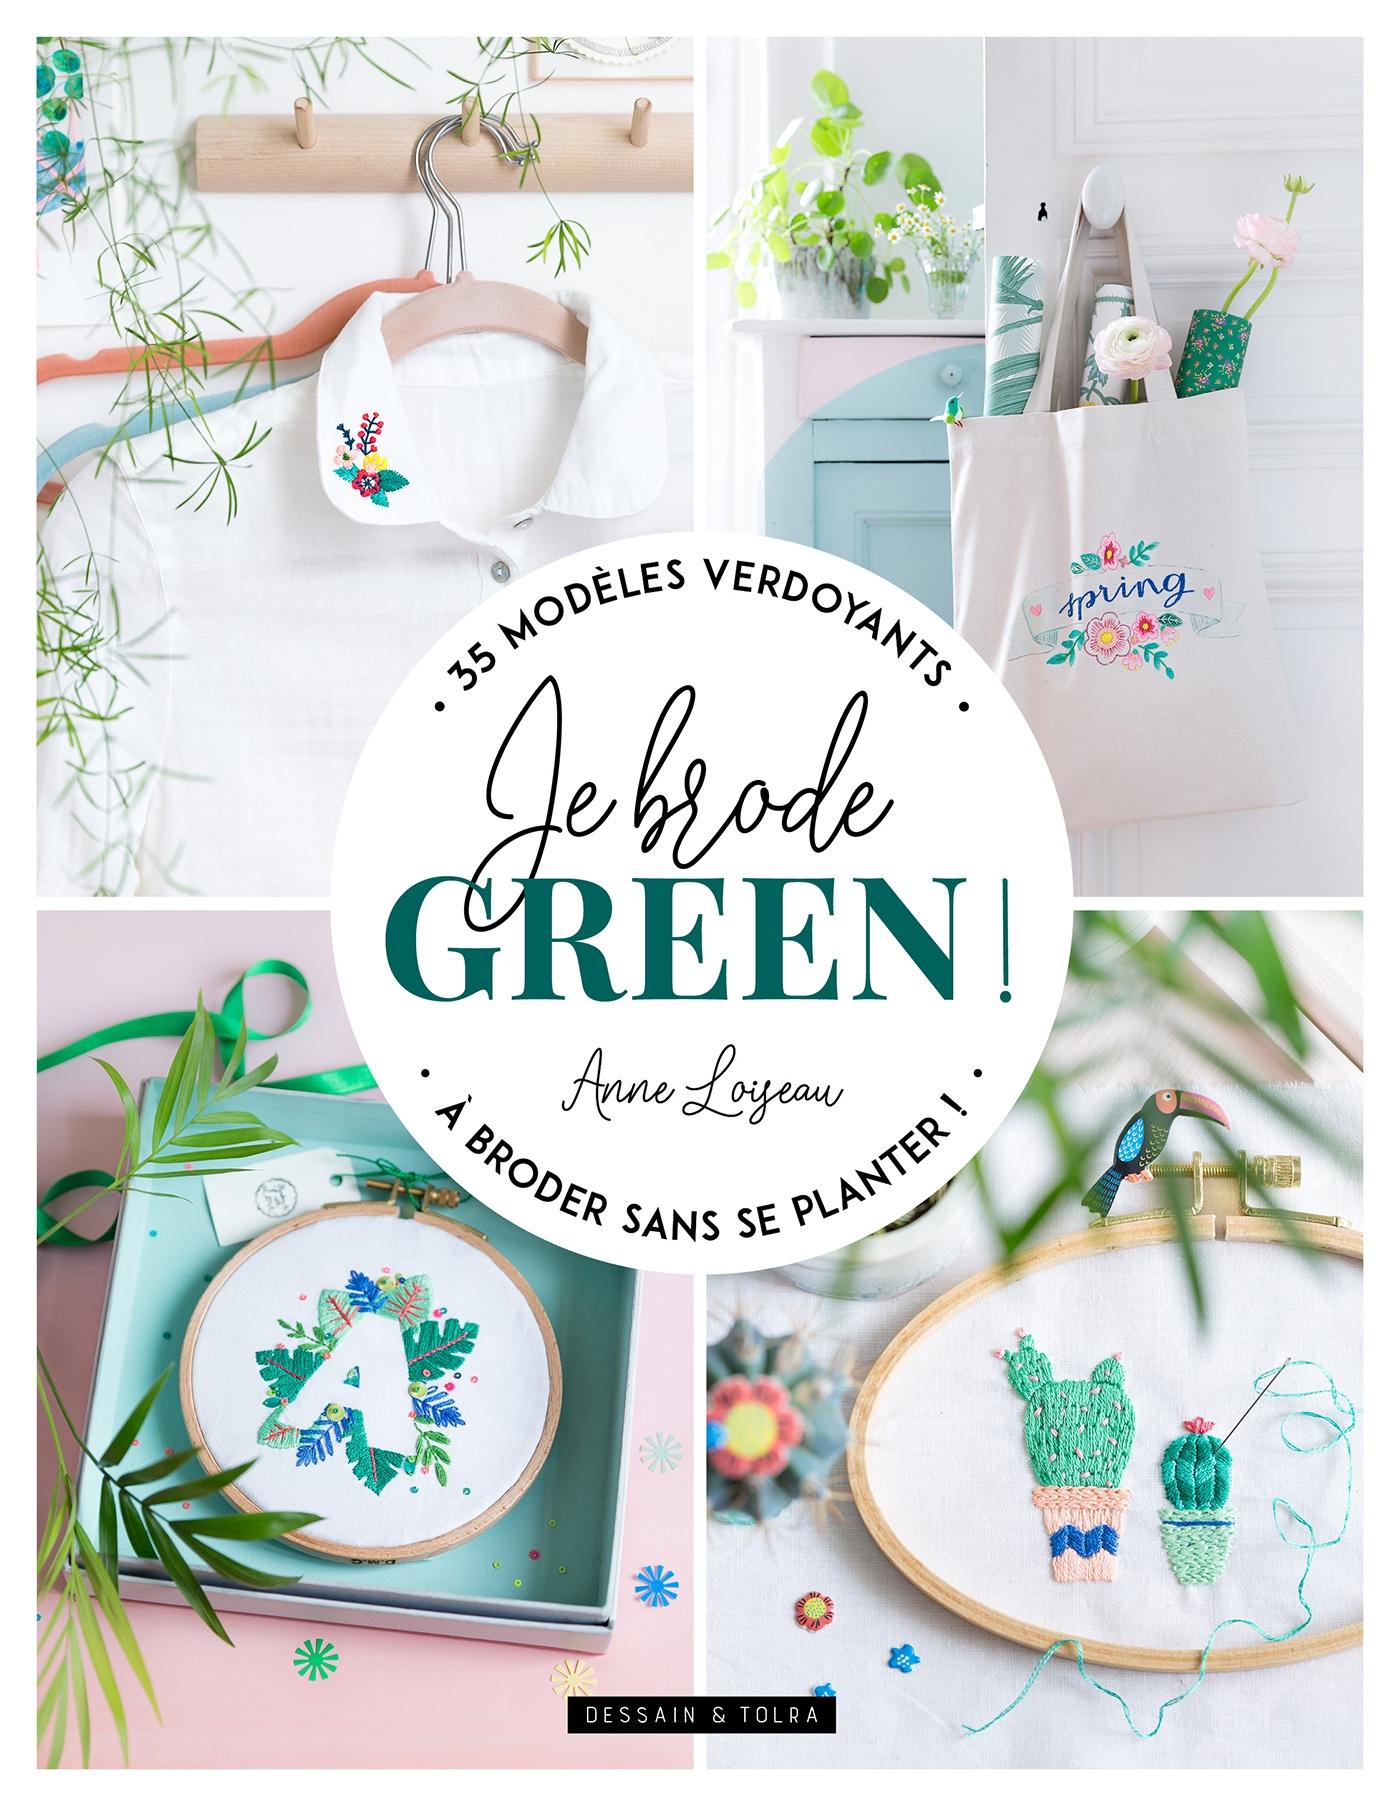 Je brode green ! | Loiseau, Anne. Auteur